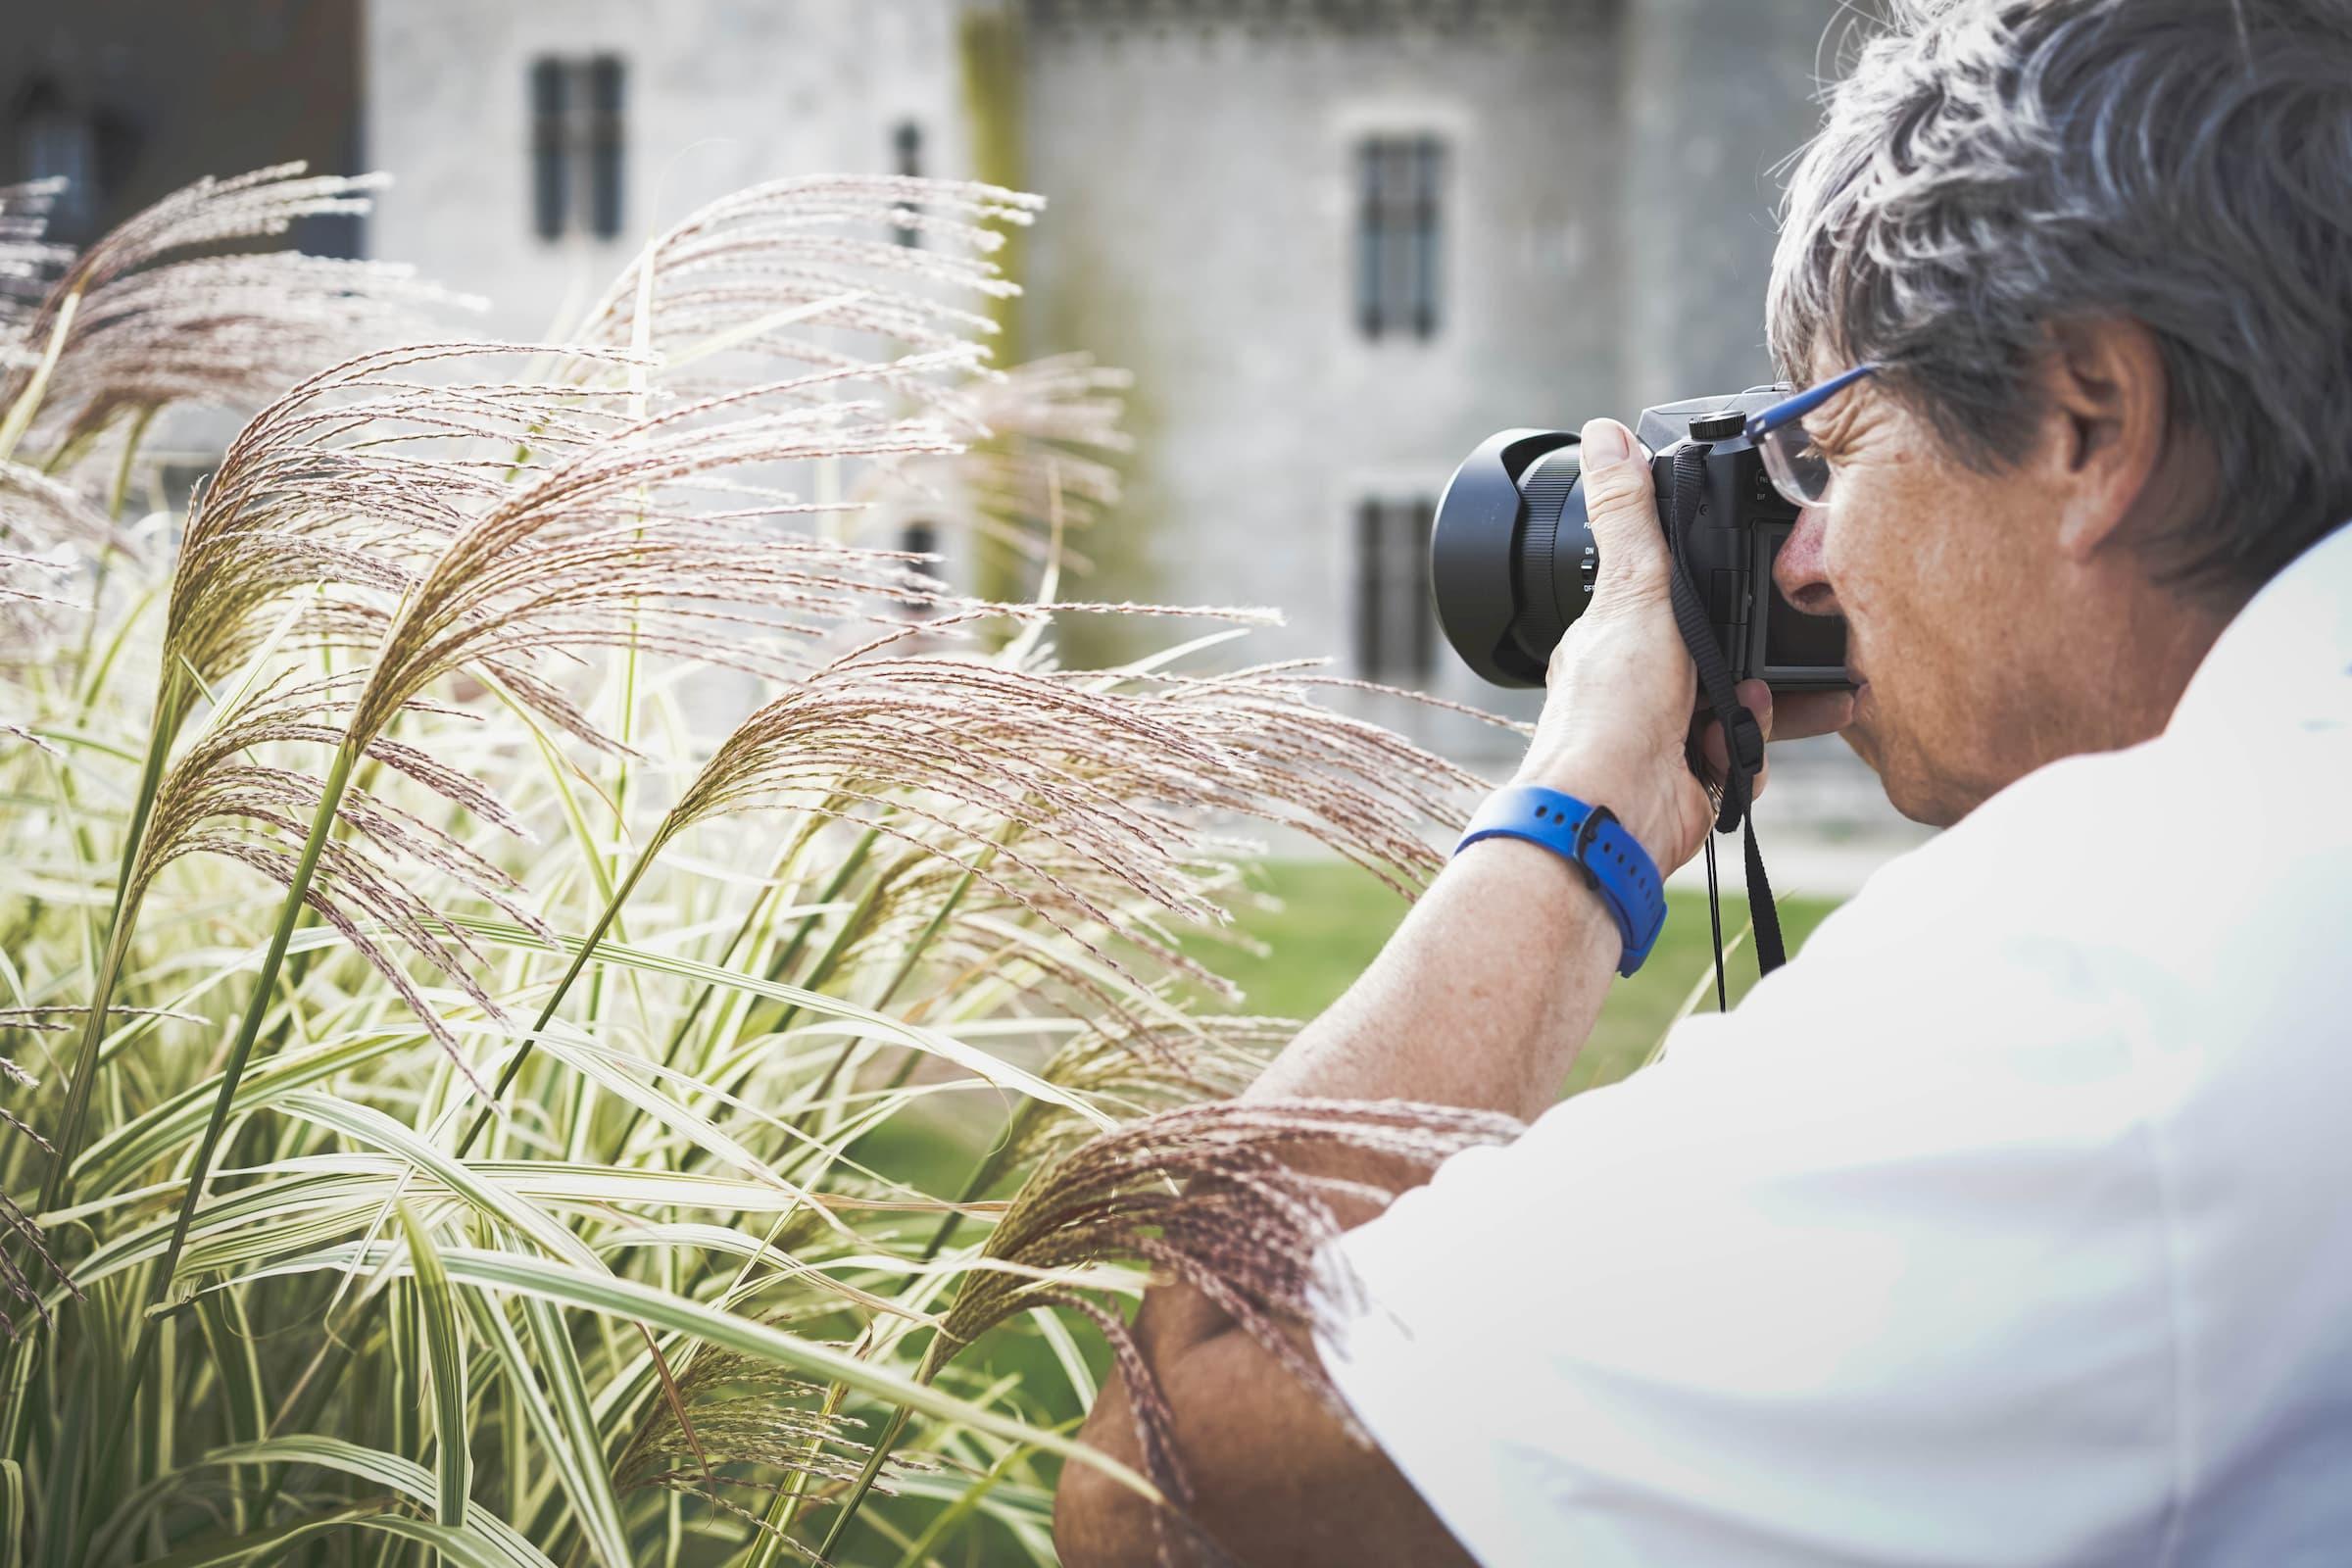 choisir son materiel photo conseil achat atelier photographie cours 45 loiret christelle saffroy